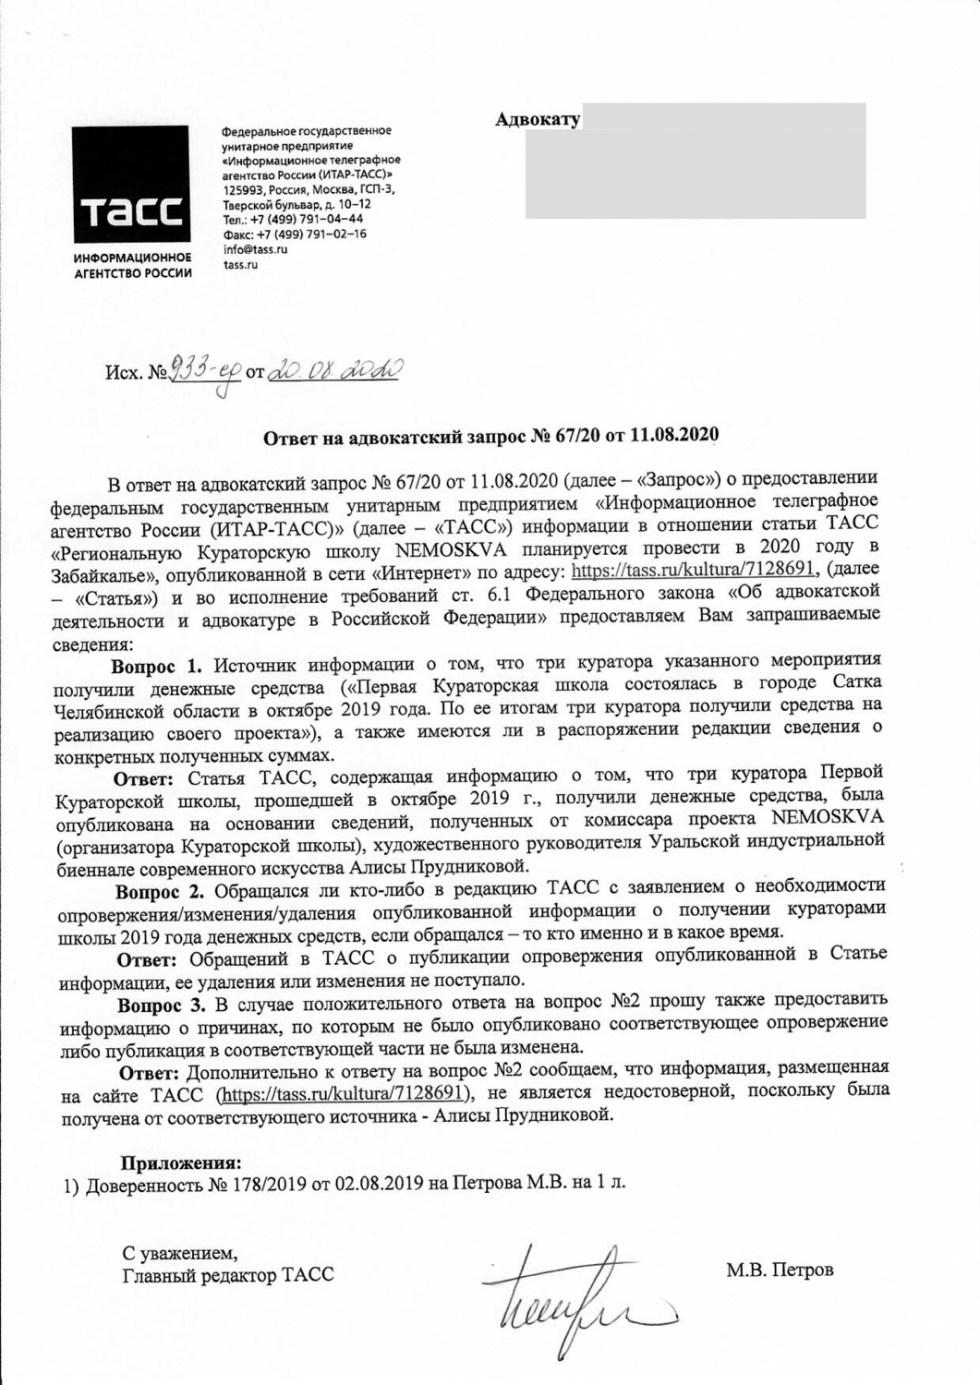 Ответ главного редактора ТАСС от 20 августа 2020 — о словах Алисы Прудниковой, цитируемых государственным новостным агентством.